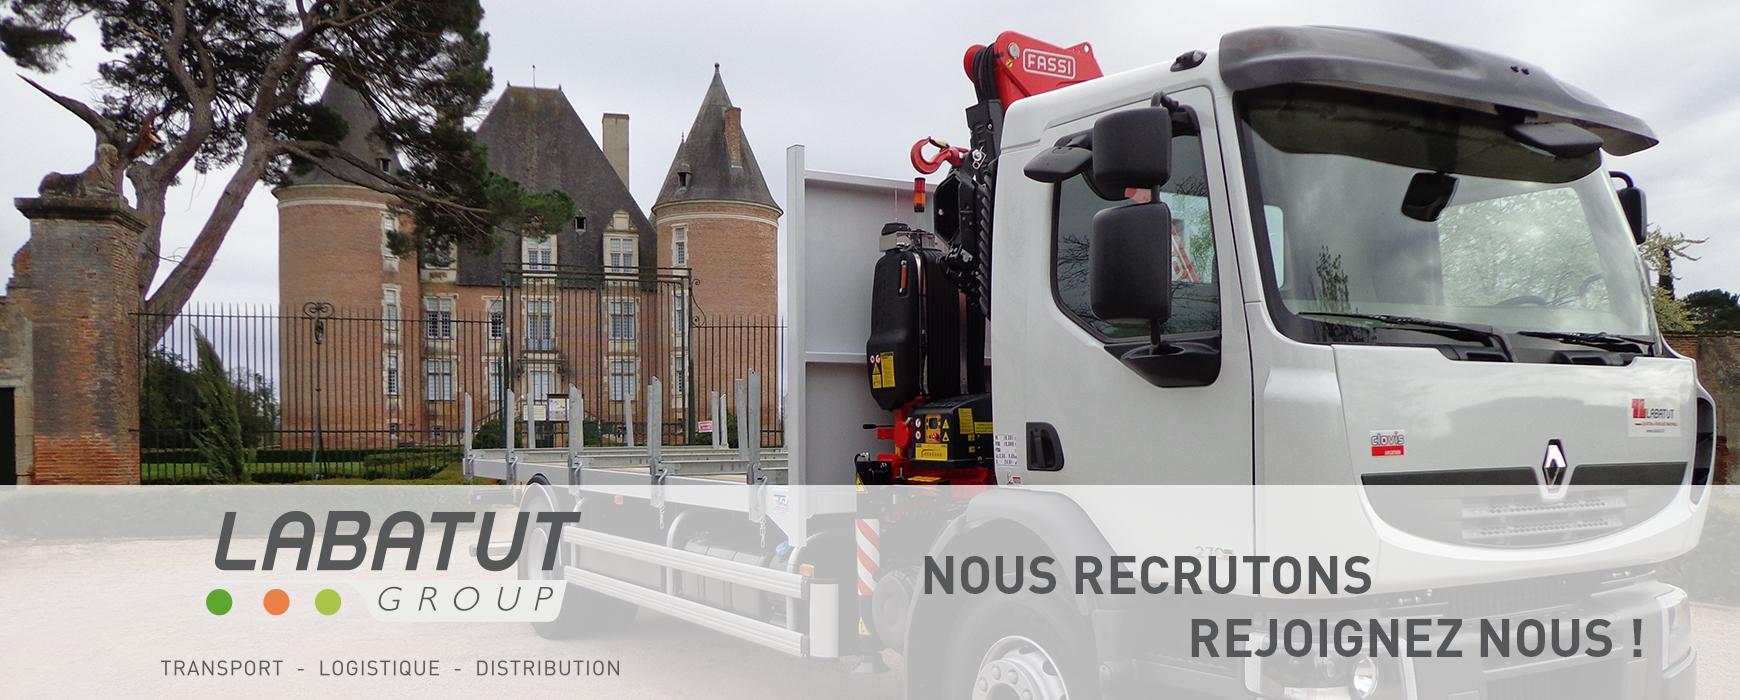 Offre d'emploi : Conducteur régional poids lourd plateau grue – proche Saint-Etienne (42)